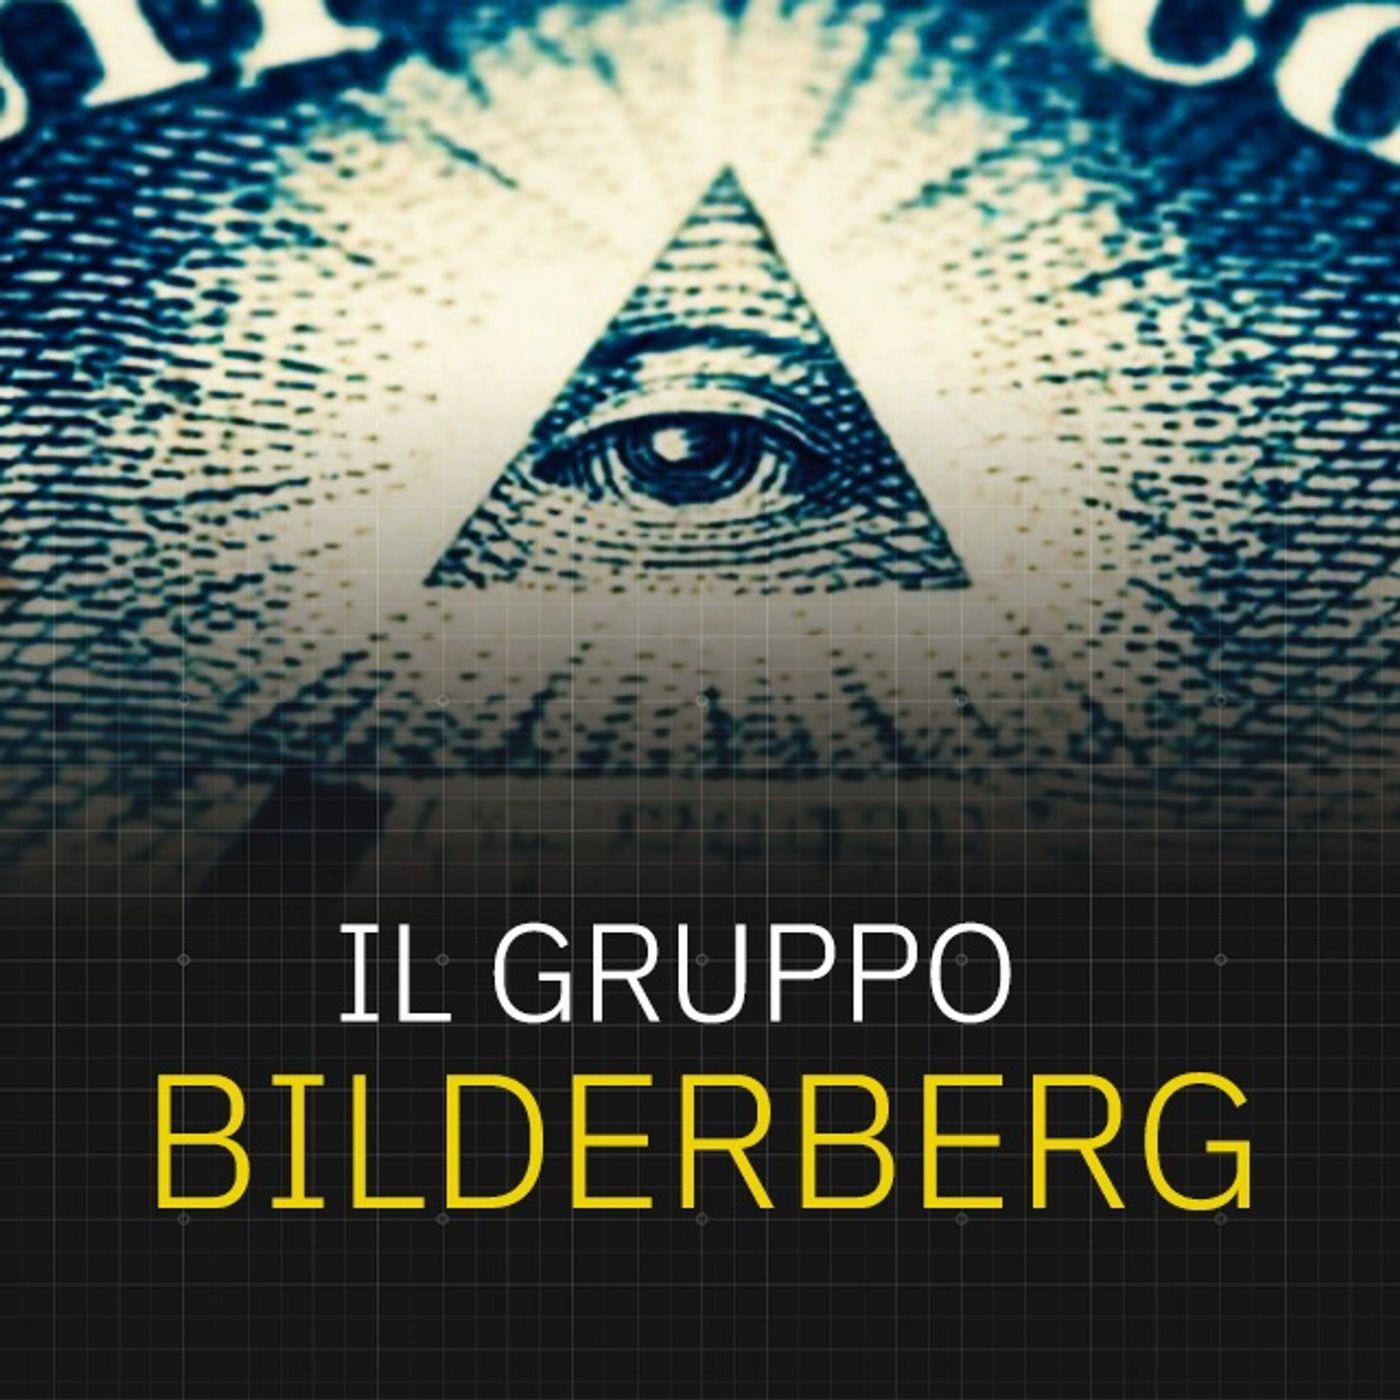 Storia (razionale) del Gruppo Bilderberg